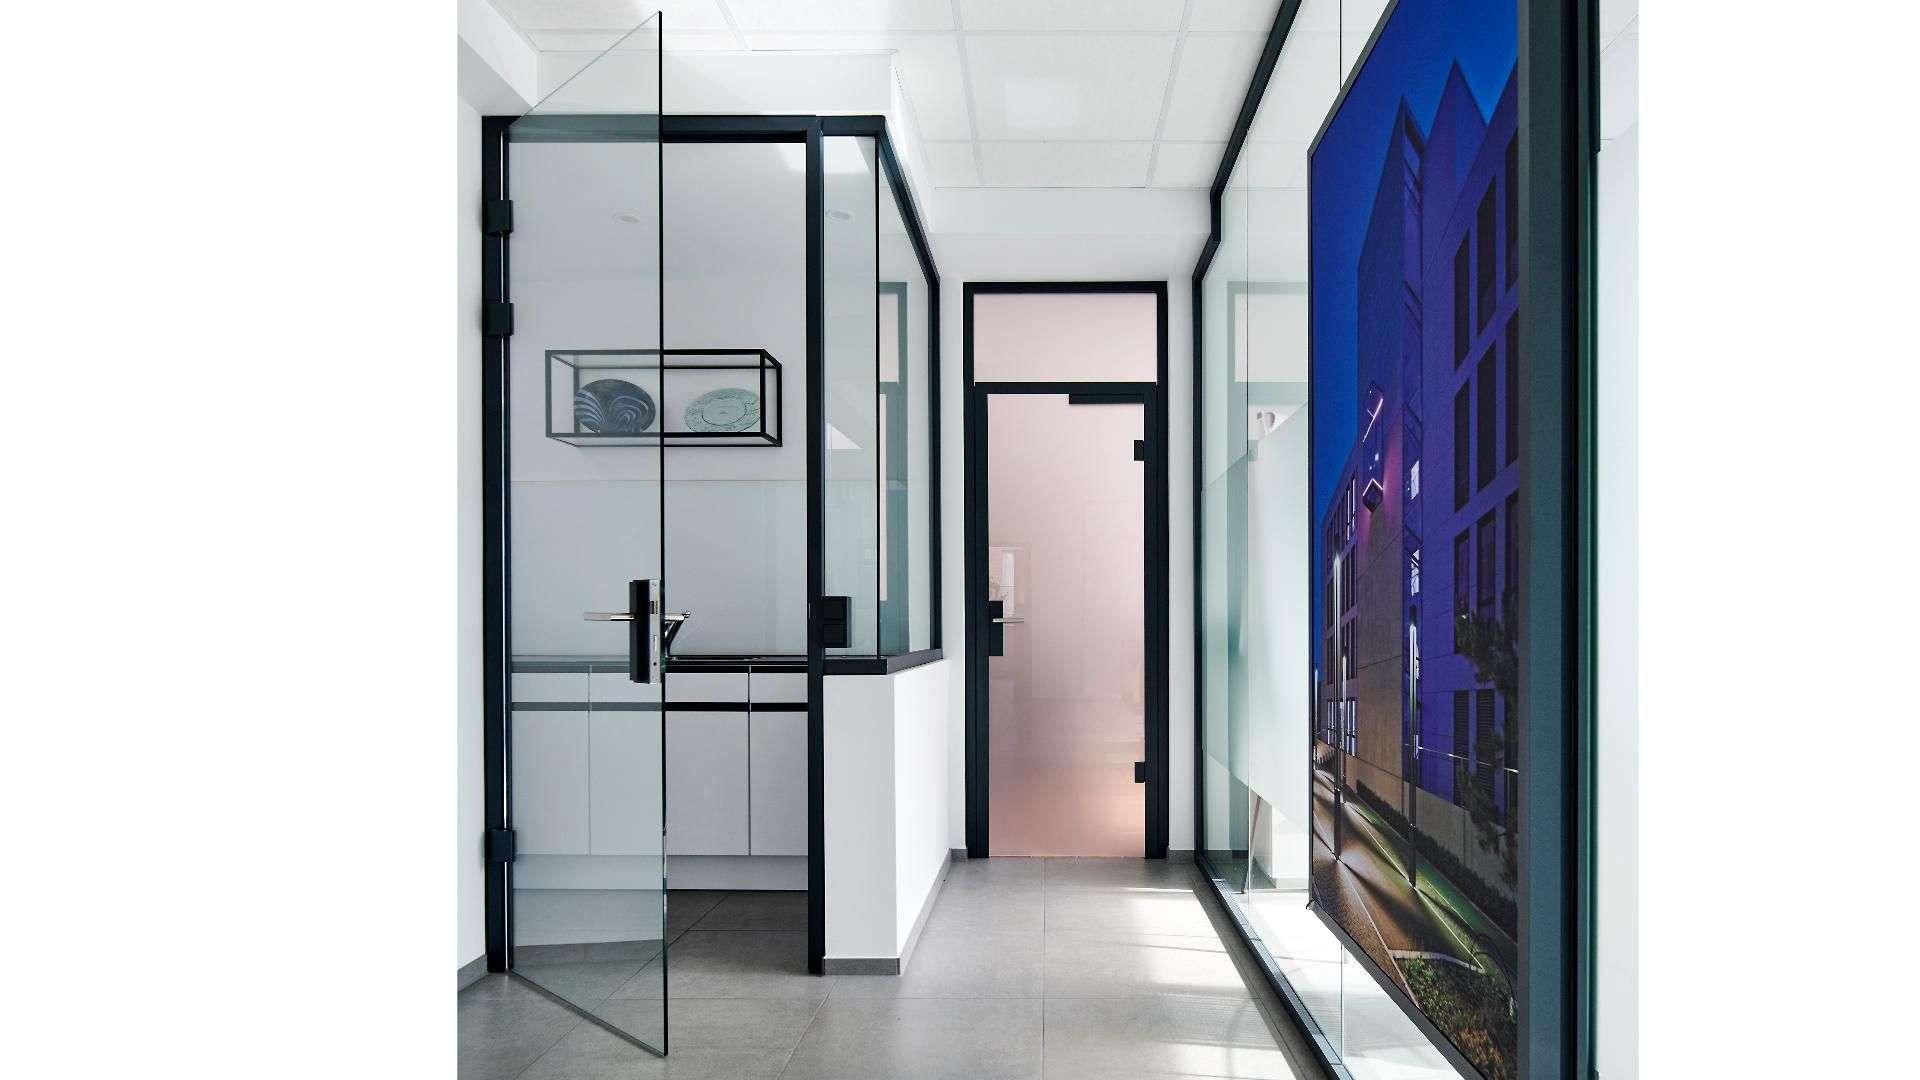 Einblick in die erste Etage der Ausstellung von Menke-Glas in Bielefeld